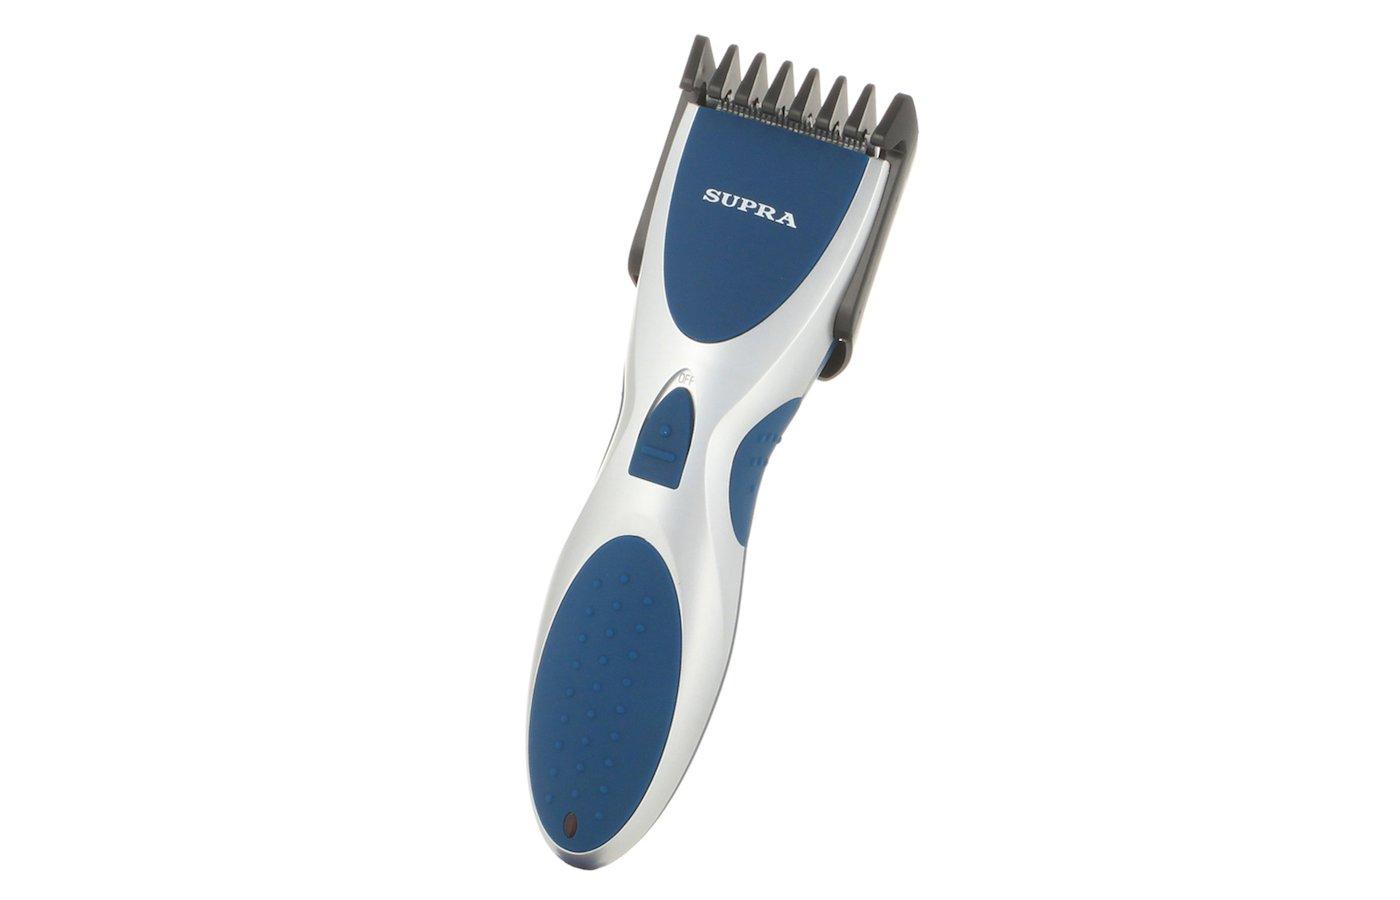 Машинка для стрижки волос SUPRA HCS-202 blue